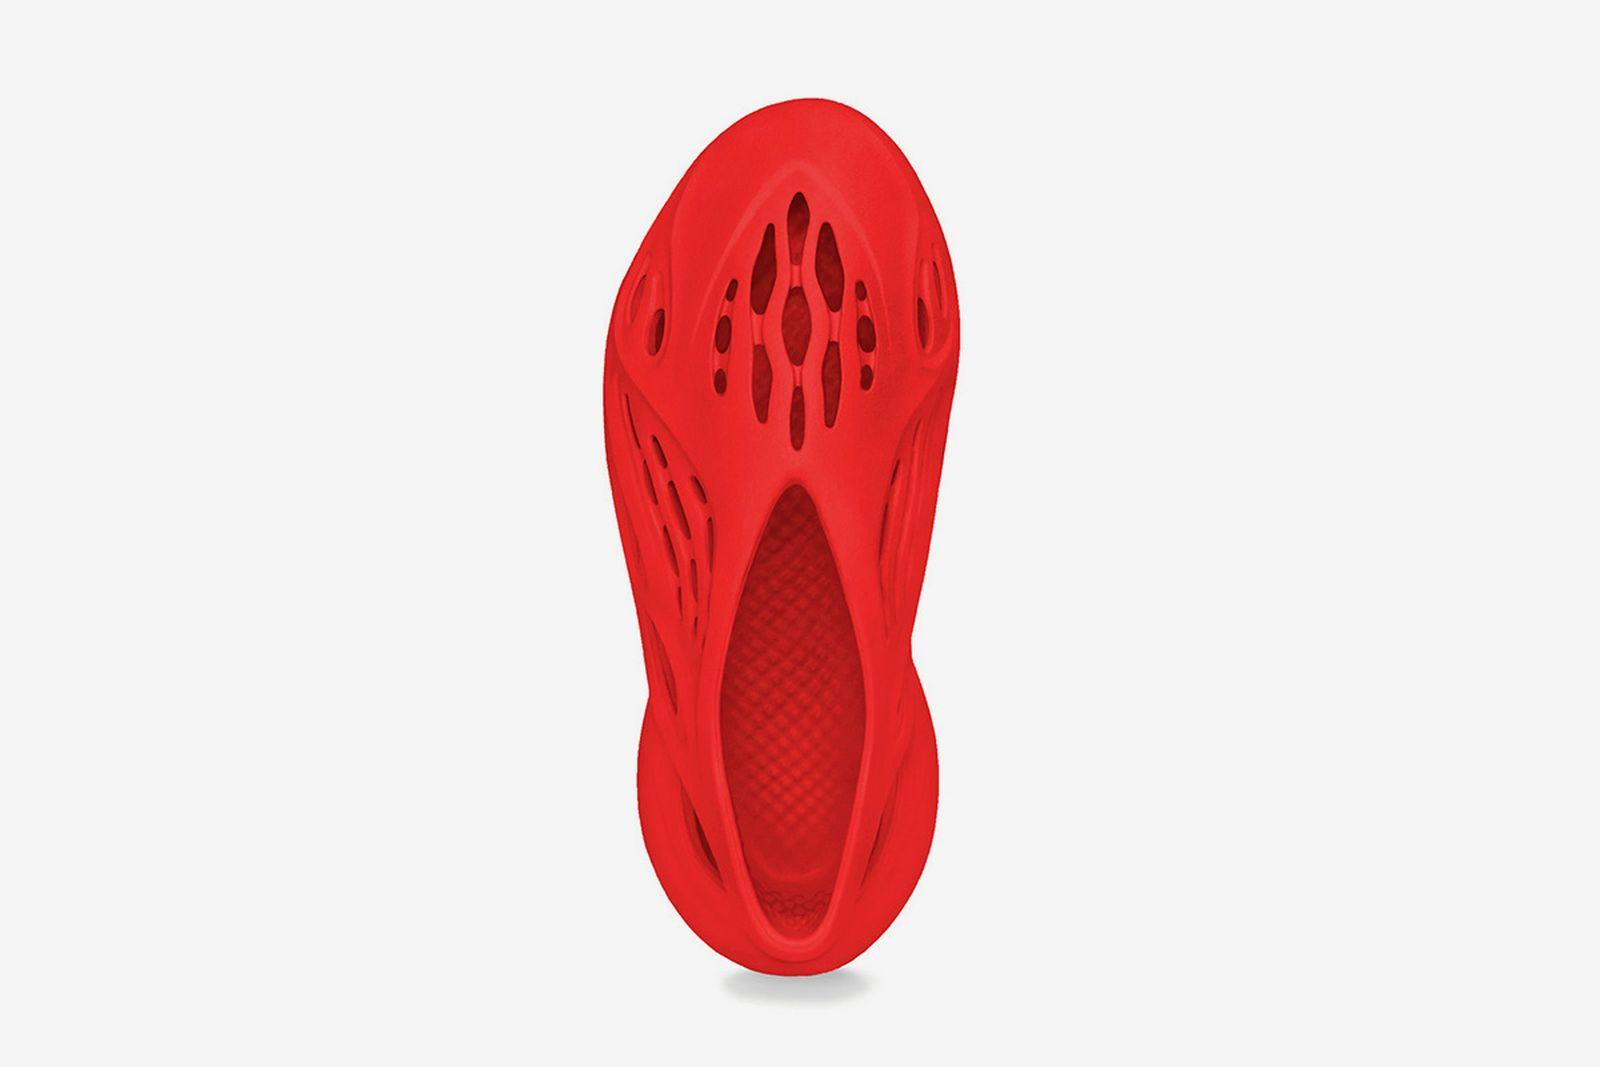 adidas-yeezy-foam-runner-vermilion-release-date-price-02